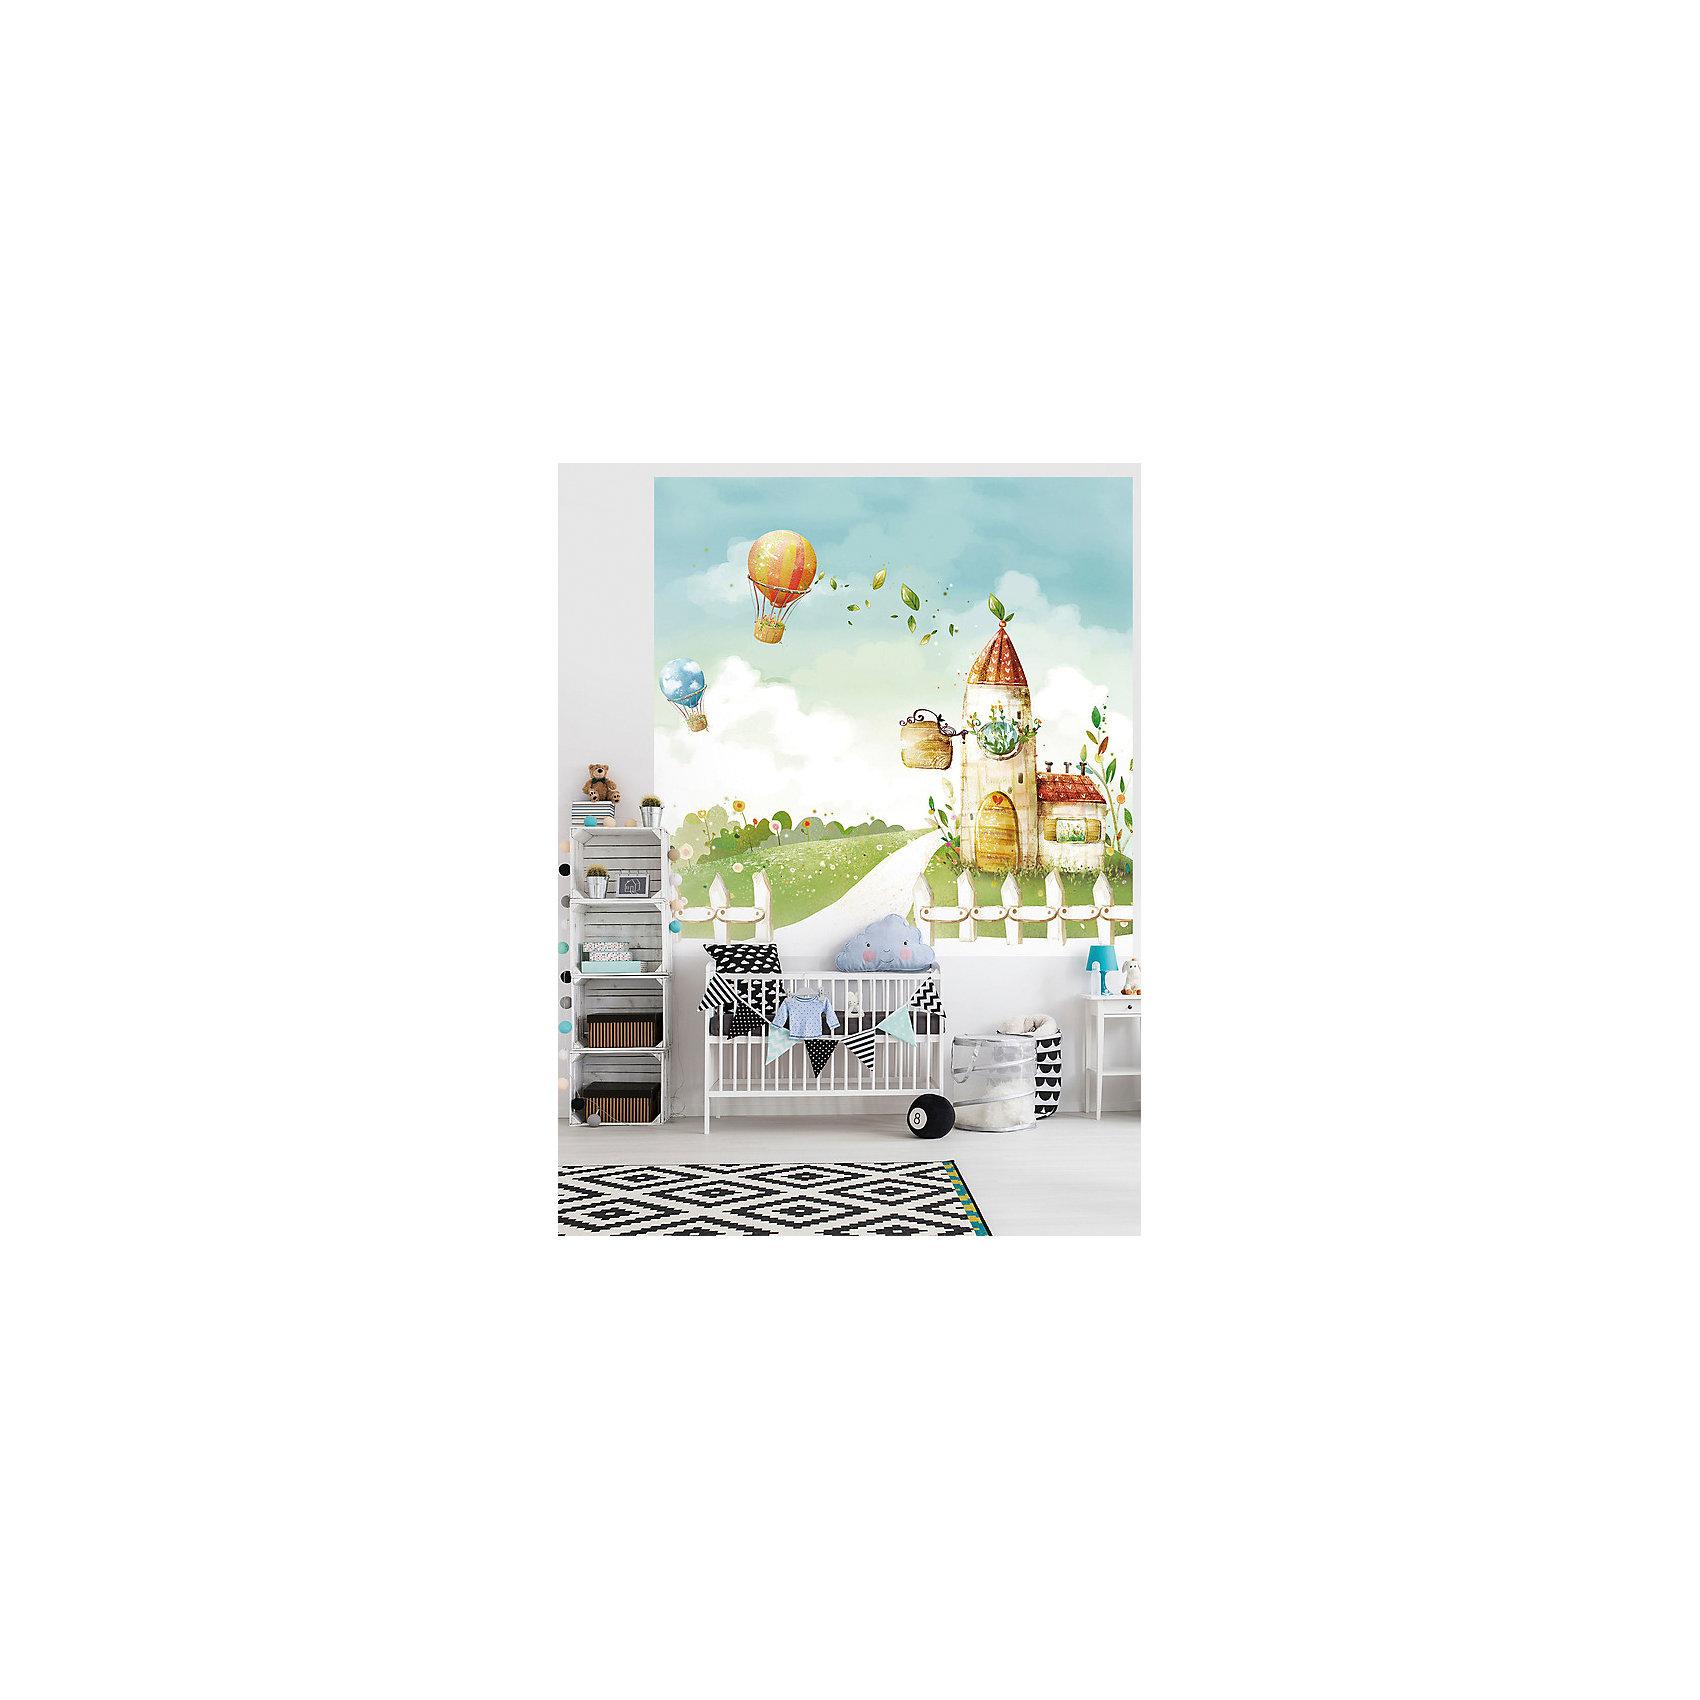 Фотообои Солнечный город (2,00*2,00), DECOCODEПредметы интерьера<br>Характеристики:<br><br>• Предназначение: декор комнаты<br>• Тематика: Здесь живут чудеса<br>• Материал: флизелин, винил<br>• Фактура: вельвет<br>• Размер полотна (Ш*Д): 200*200 см <br>• Устойчивы к выцветанию и истиранию<br>• Допускается влажная чистка<br>• Размеры (Д*Ш*В): 15*9,5*130 см<br>• Вес: 1 кг 640 г<br><br>Обои изготовлены на флизелиновой основе с имитацией вельветовой поверхности, за счет чего им придается повышенная устойчивость к повреждениям, истиранию и изменению цвета. Все материалы, использованные в производстве, соответствуют международным стандартам безопасности.<br><br>Фотообои Солнечный город (2,00*2,00), DECOCODE выполнены на флизелиновой основе с виниловой поверхностью, благодаря чему при высыхании клея они не дают усадки и не собираются. На панно в нежных тонах изображен сказочный городок. Общий размер декоративного полотна составляет 2*2 м. <br><br>Фотообои Солнечный город (2,00*2,00), DECOCODE можно купить в нашем интернет-магазине.<br><br>Ширина мм: 150<br>Глубина мм: 95<br>Высота мм: 1300<br>Вес г: 1640<br>Возраст от месяцев: 0<br>Возраст до месяцев: 1188<br>Пол: Унисекс<br>Возраст: Детский<br>SKU: 5513087